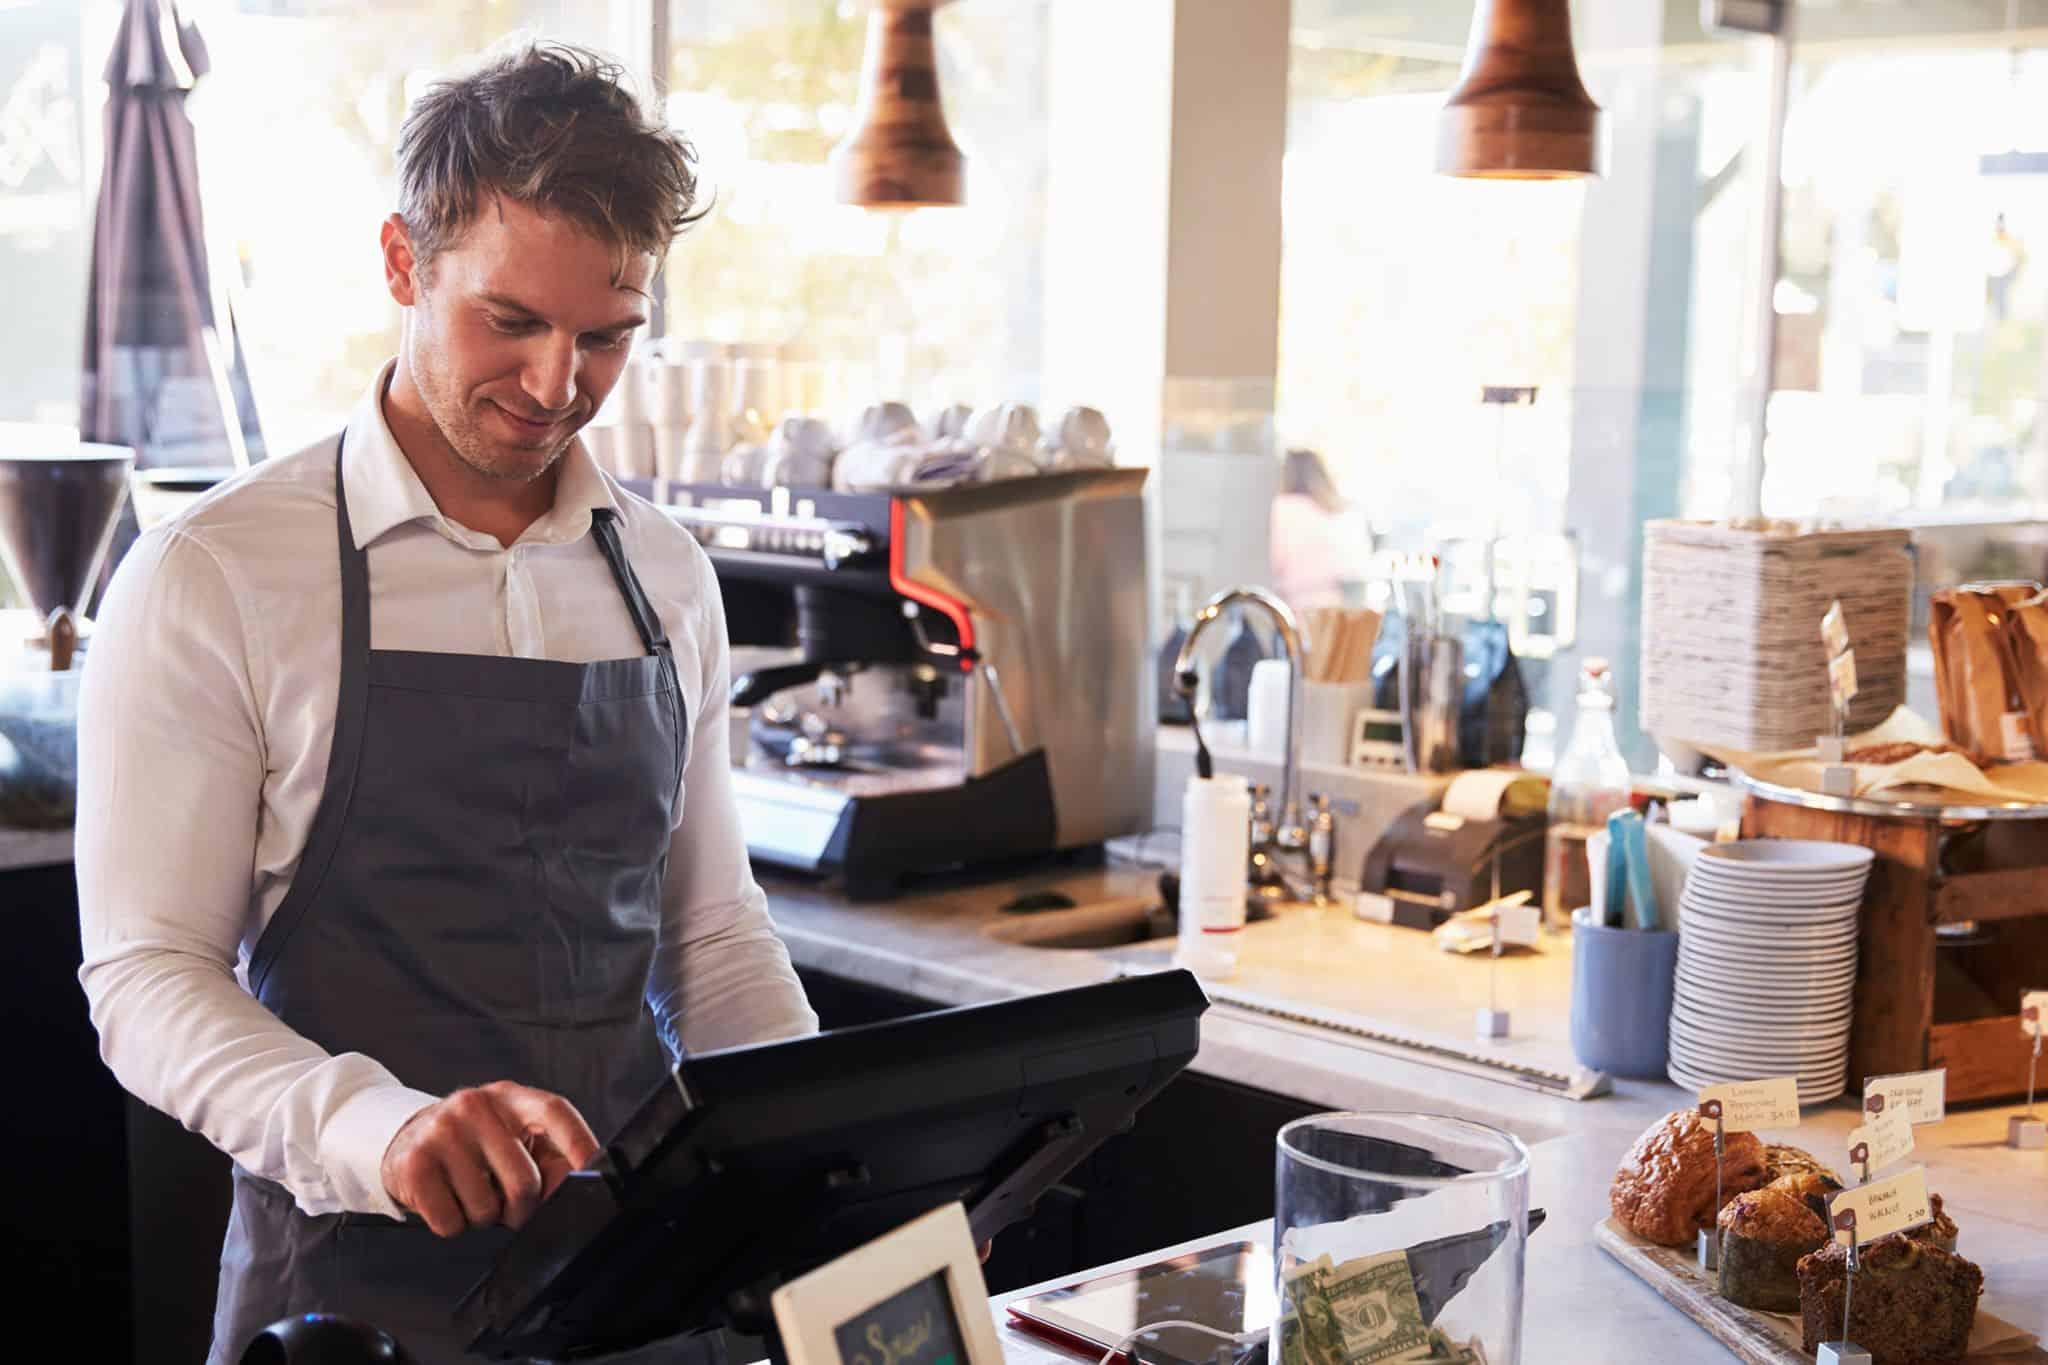 Bilde av mann som jobber i kafe med kassen - kassekontroll